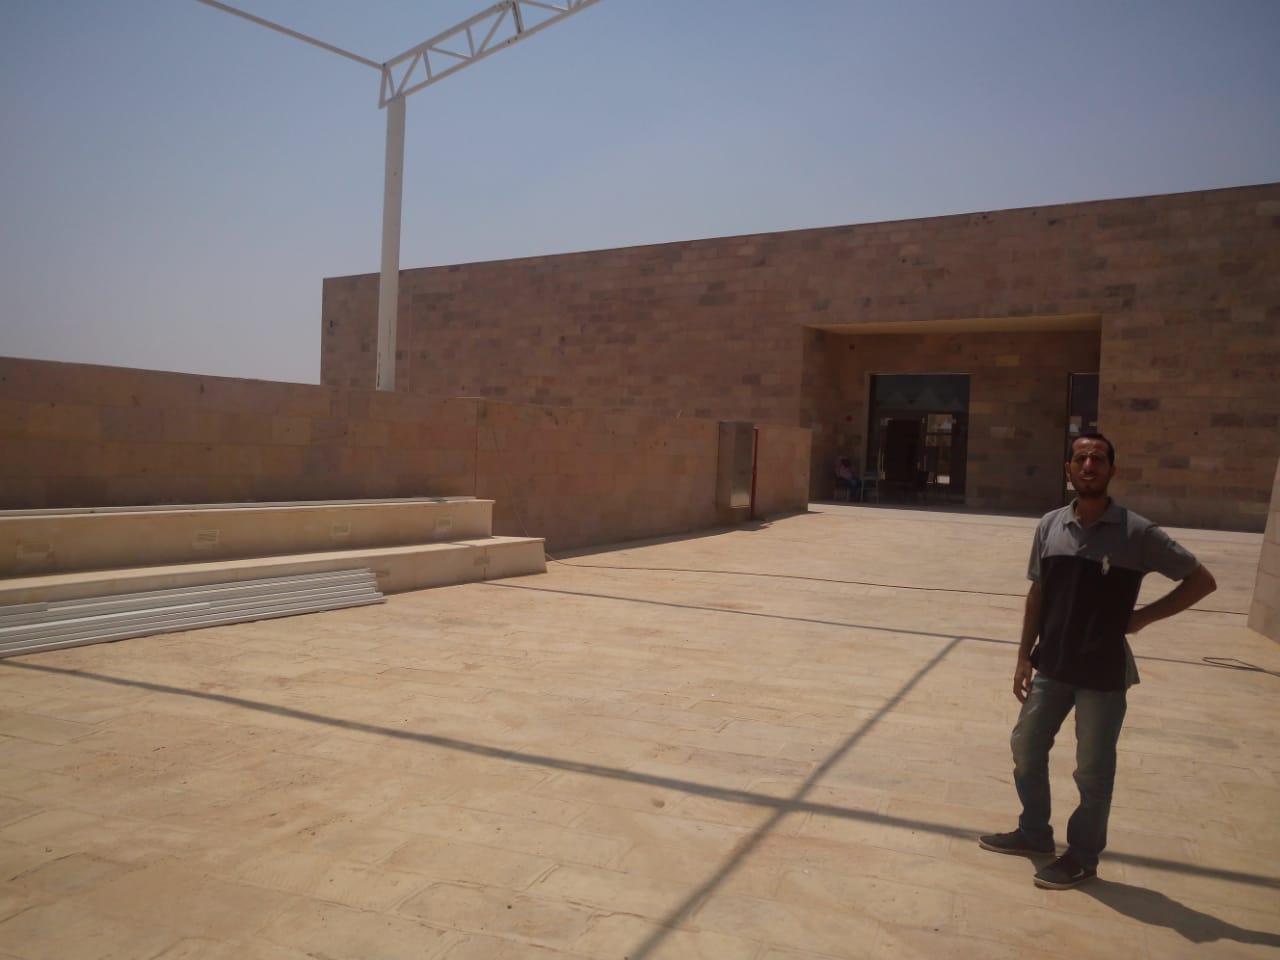 مبنى الزوار بمشروع تطوير هضبة الهرم (3)